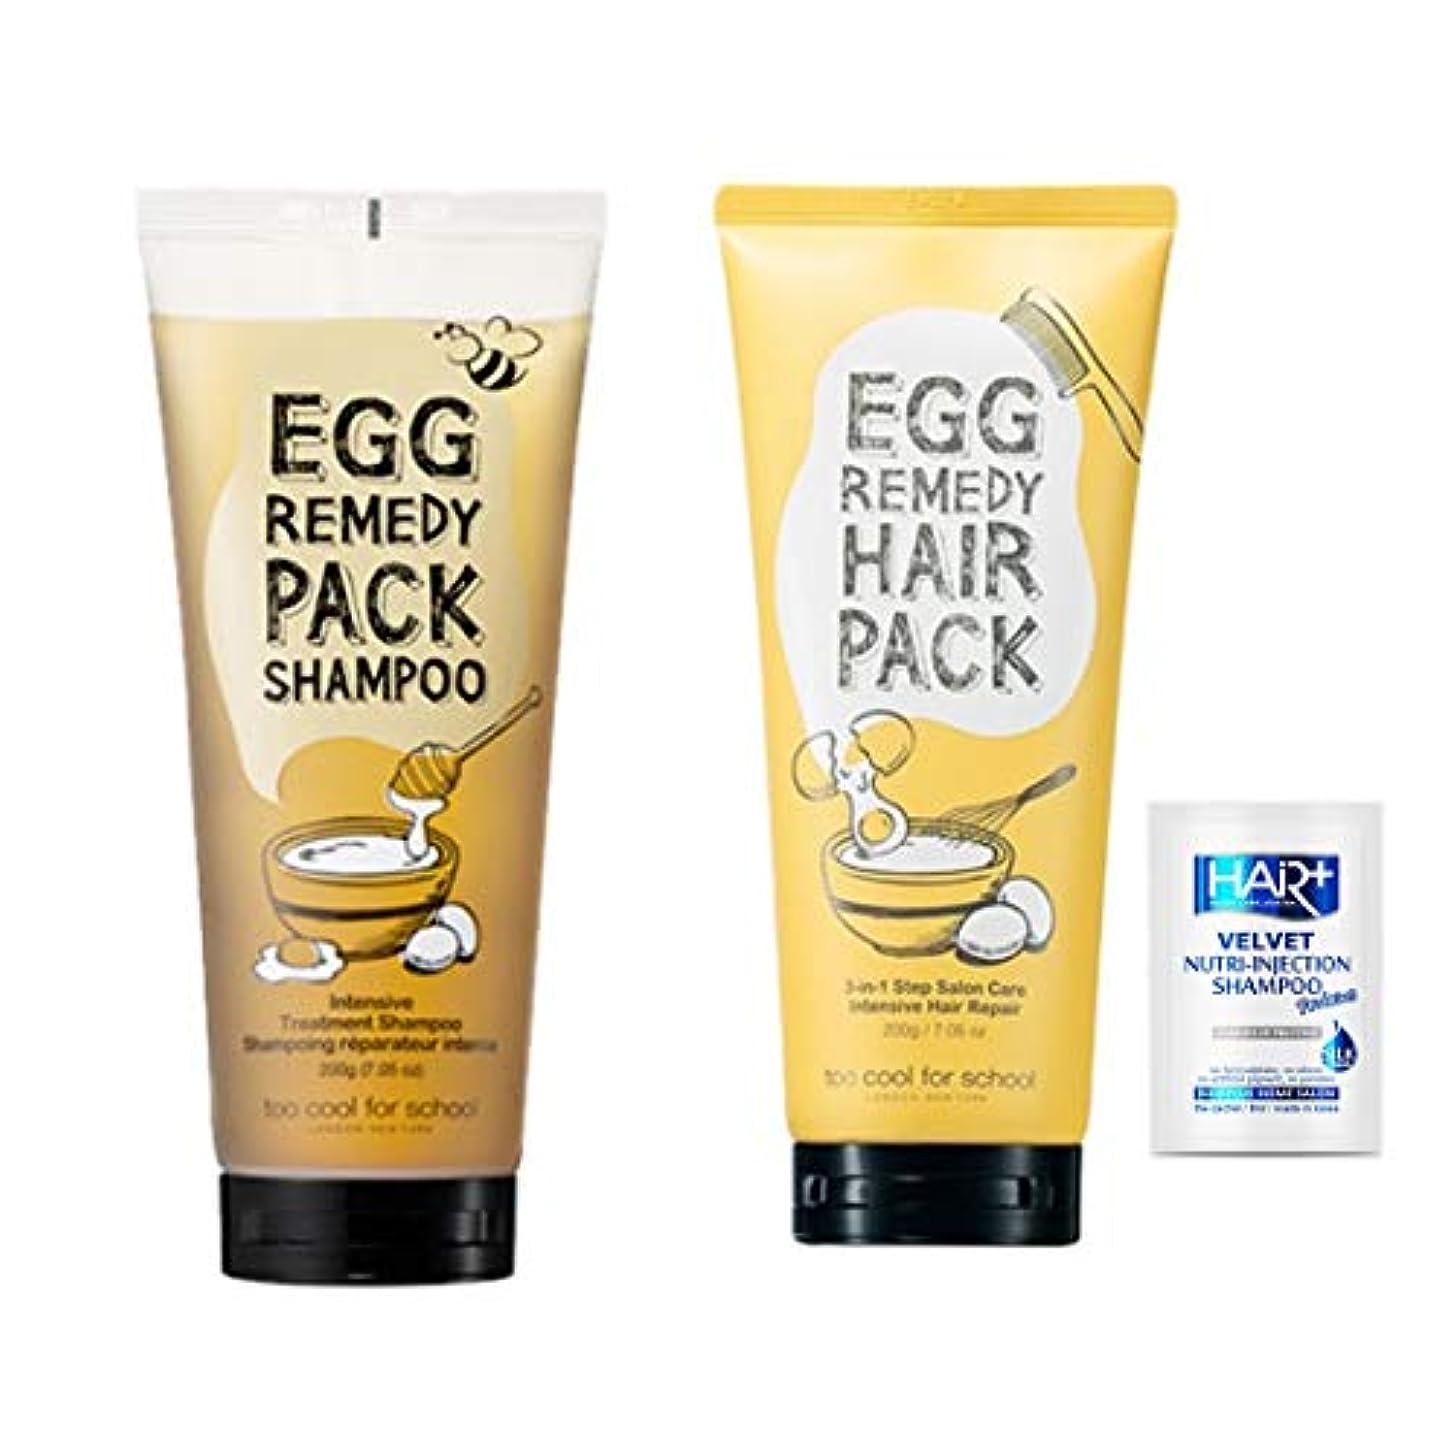 おじいちゃん祈り公平なトゥークールフォ―スクール(too cool for school)/エッグレミディパックシャンプーtoo cool for school Egg Remedy Pack Shampoo 200ml + エッグレミディヘアパック...